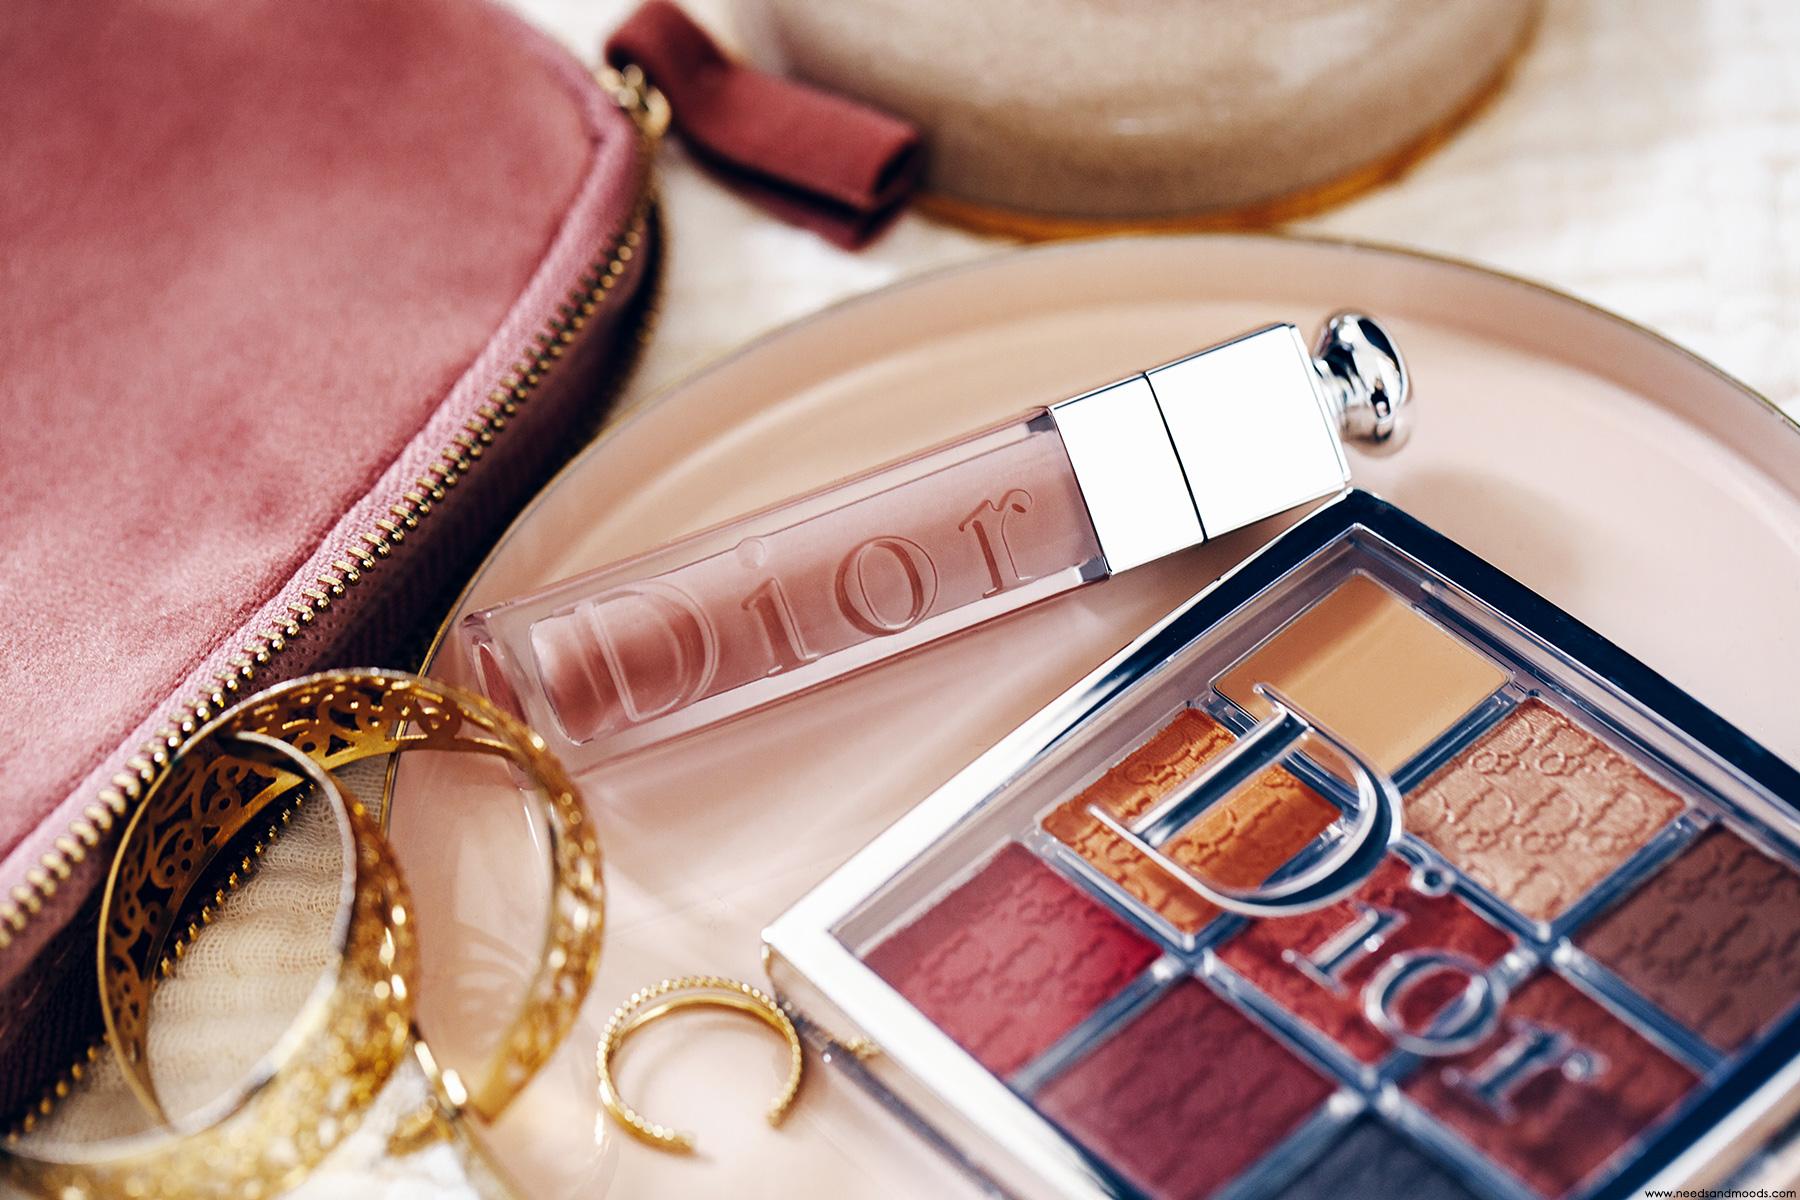 dior hyaluronic lip plumper